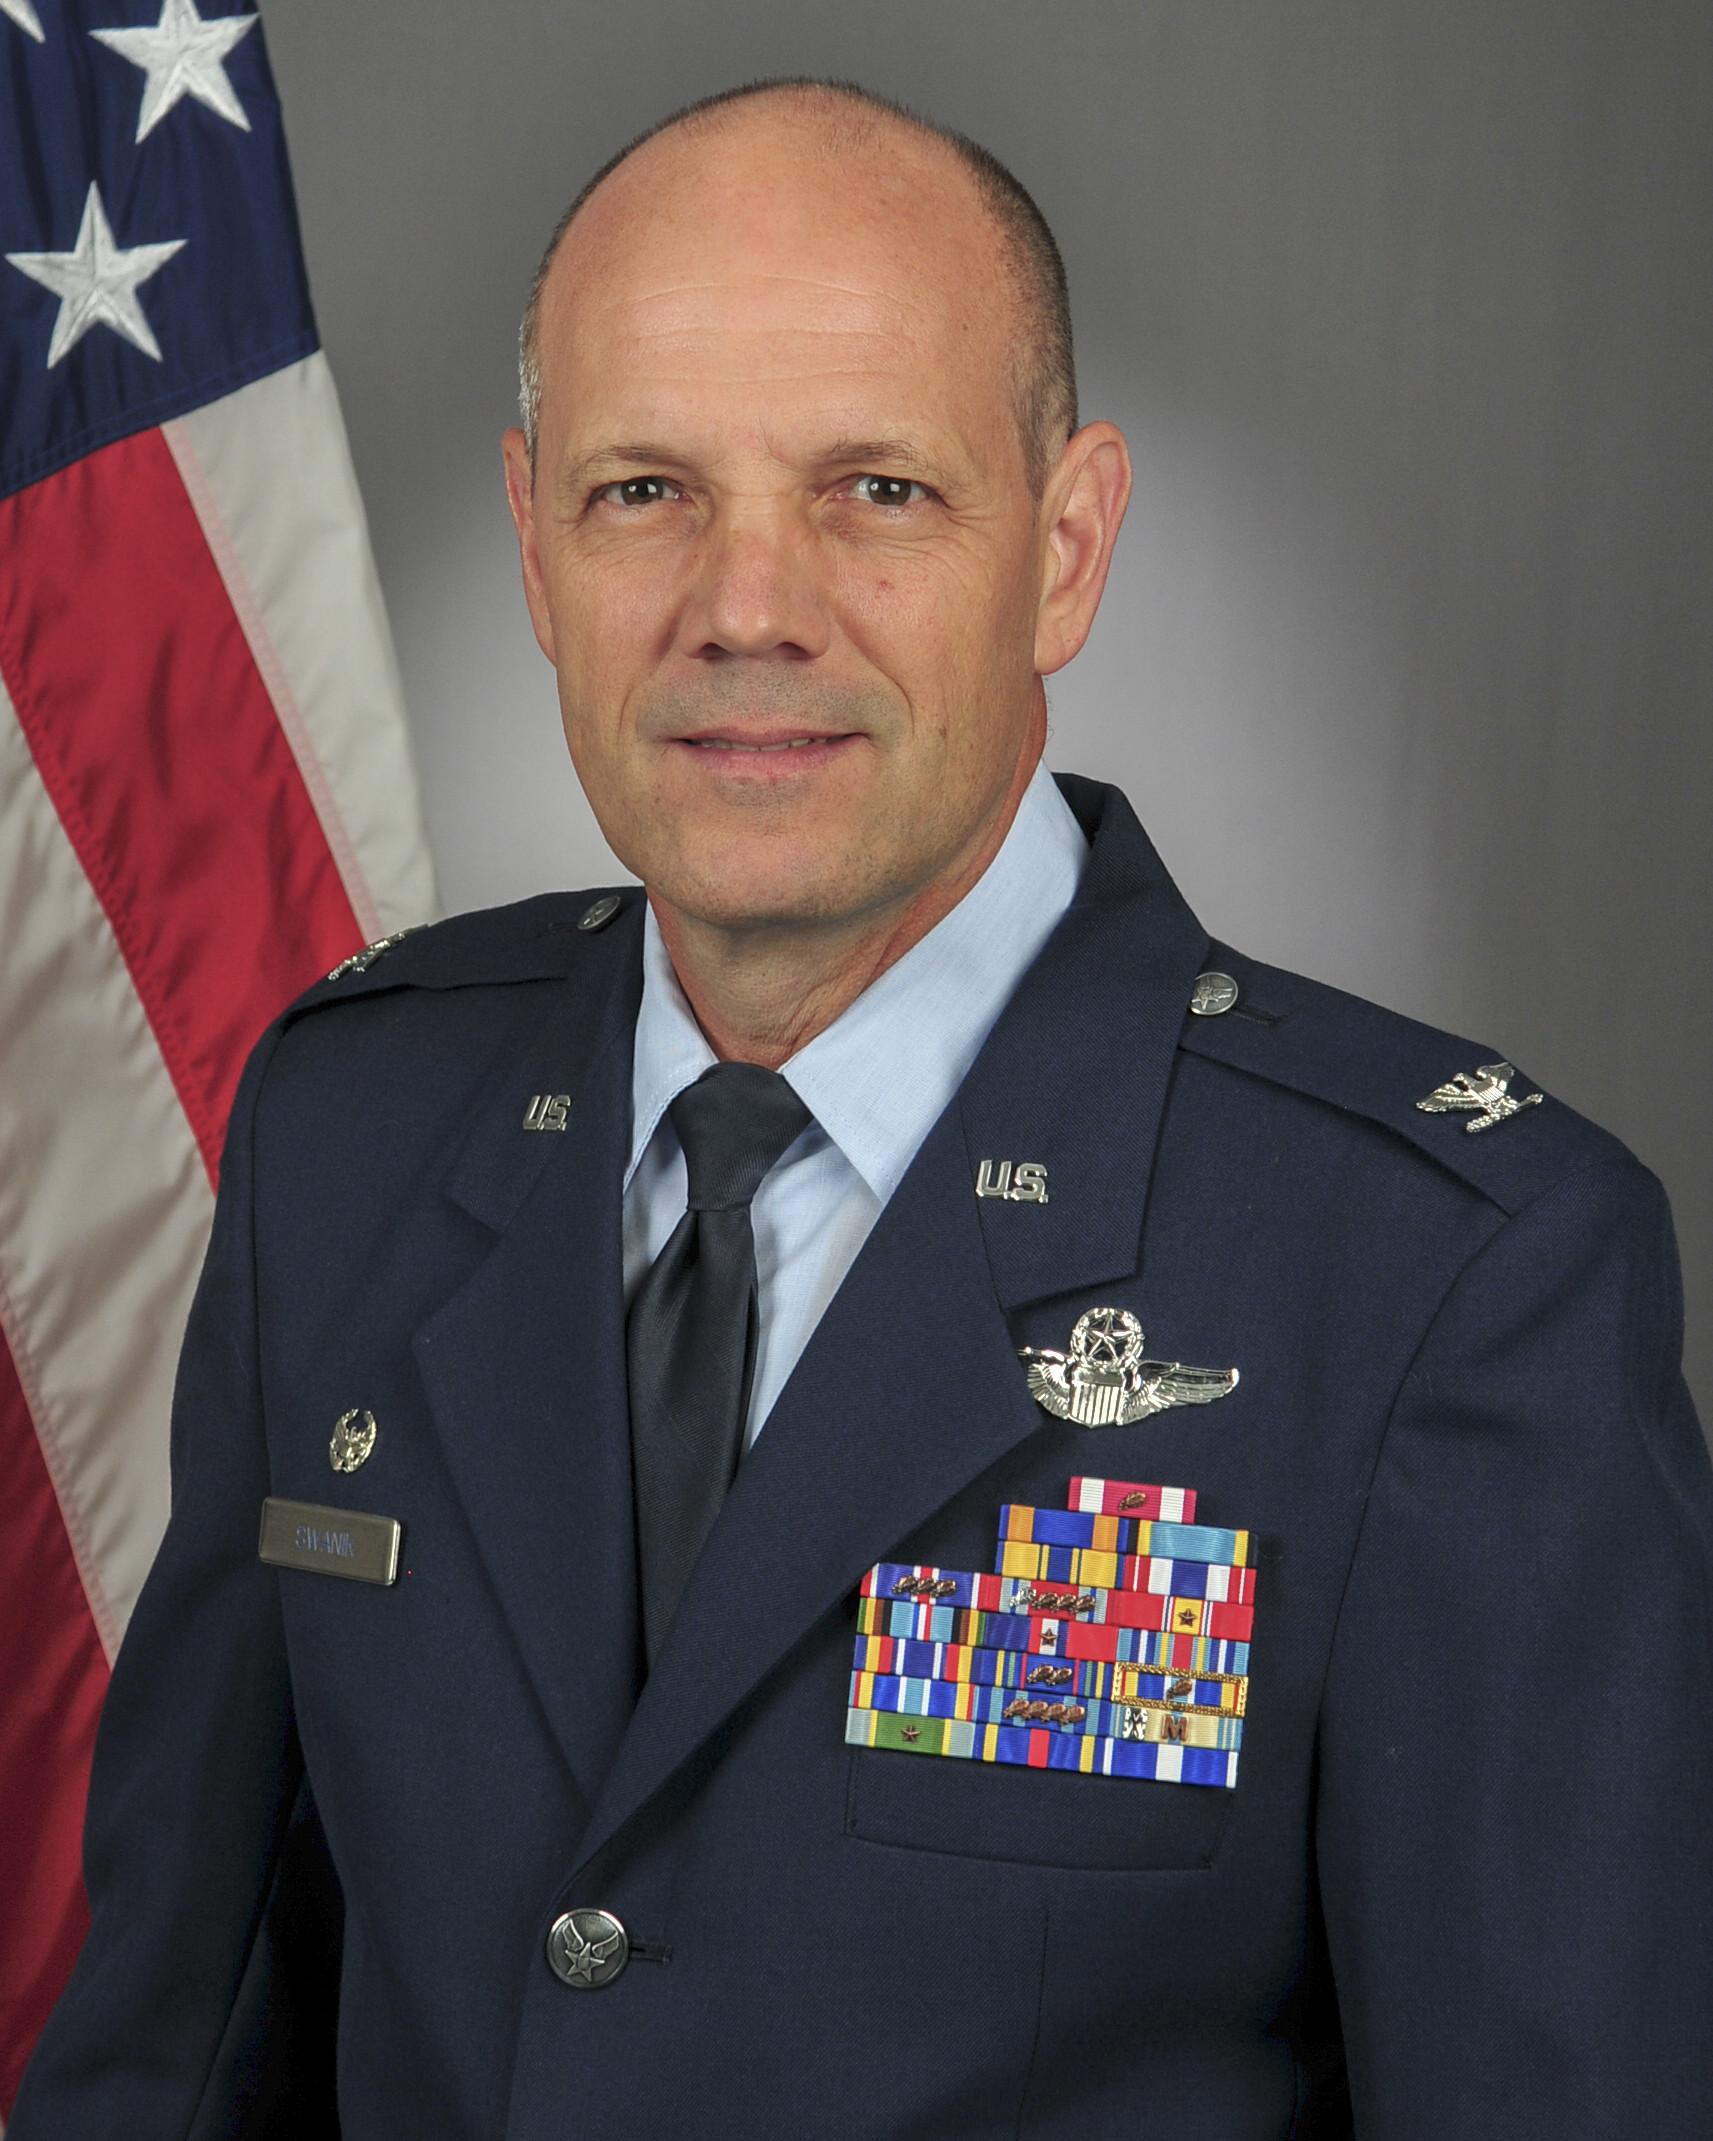 Col. James M. Swanik